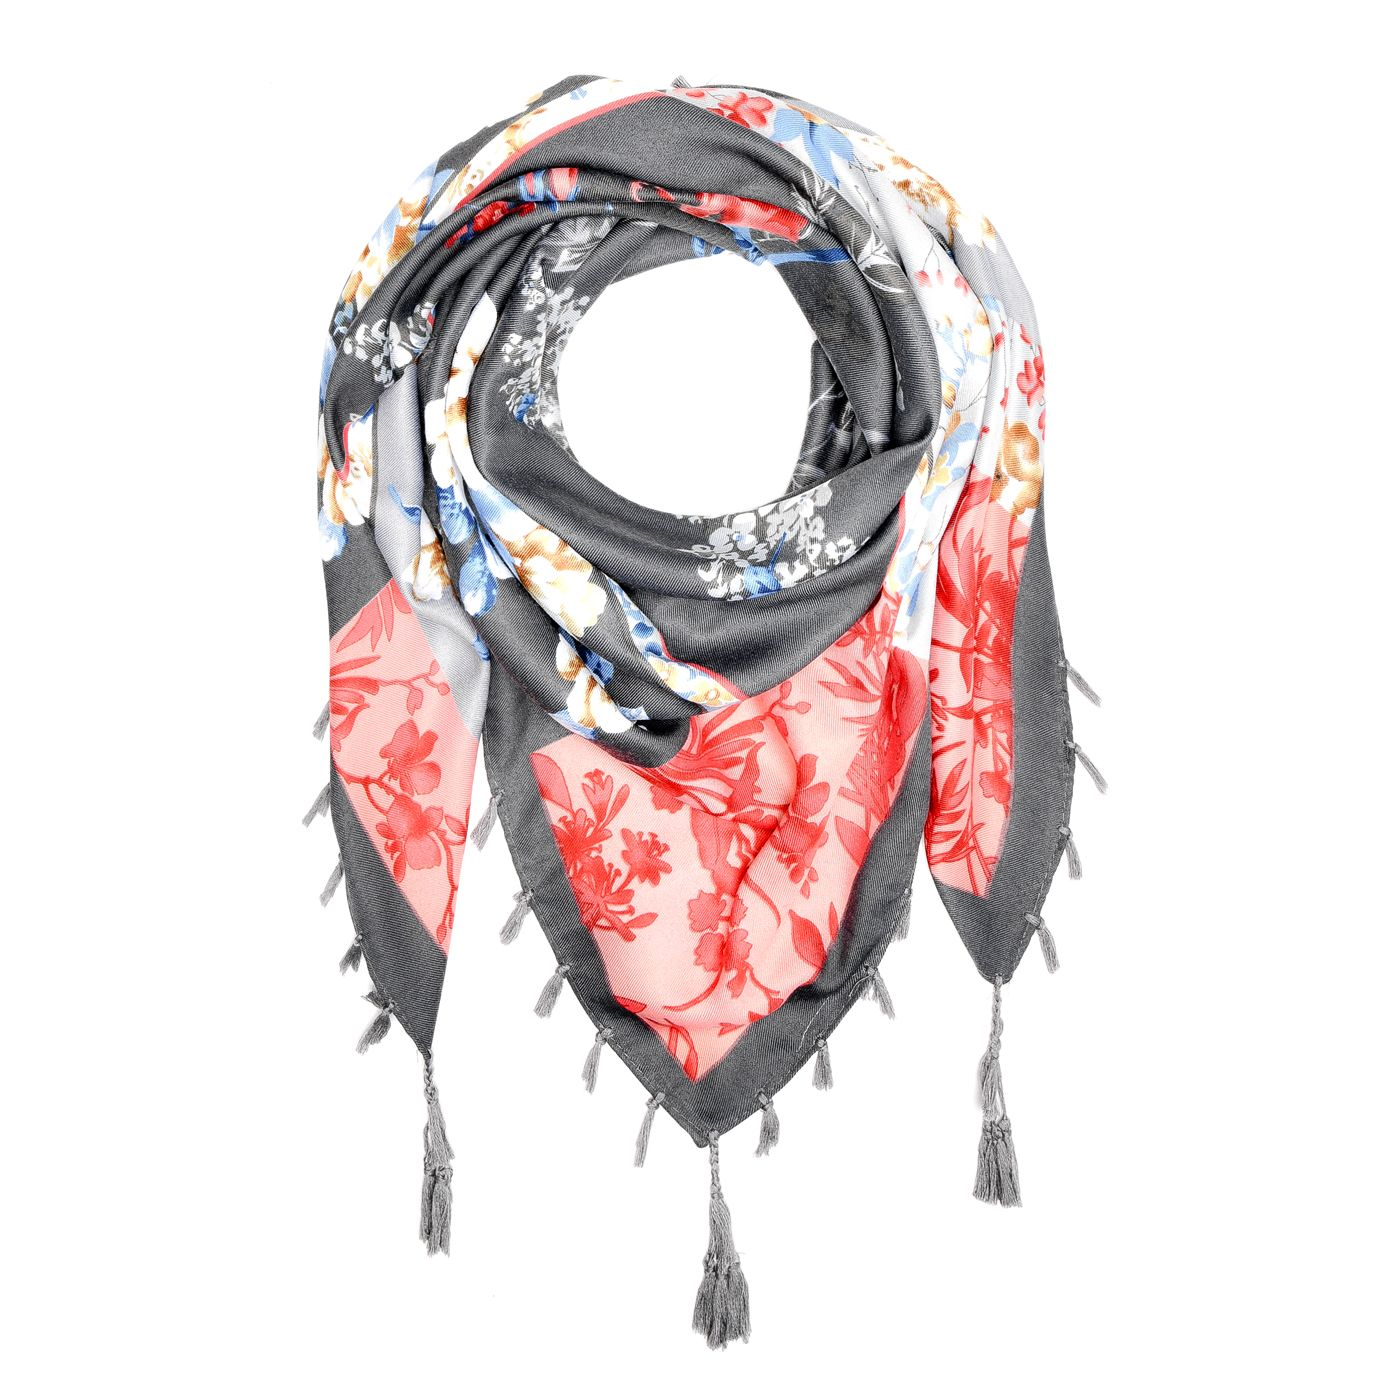 Wintertuch Damentuch Schal Dreieckstuch Damenschal Tuch Halstuch mit Blumen